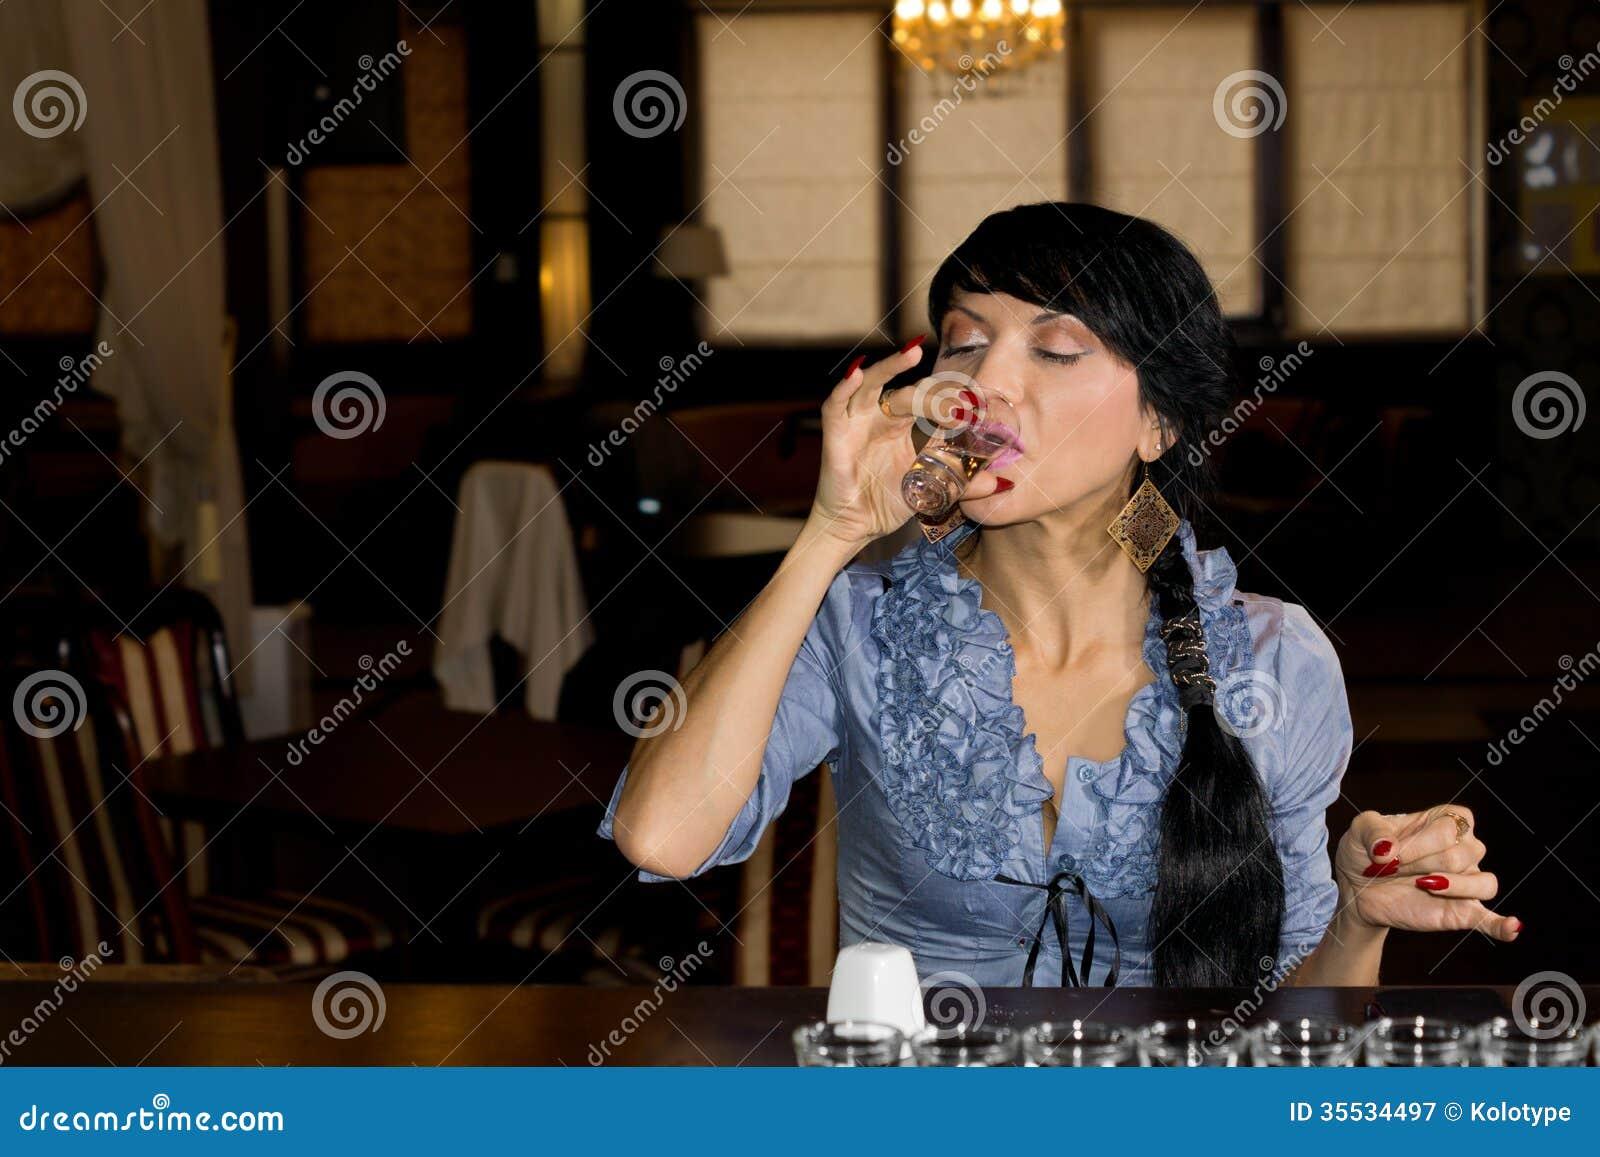 Γυναίκα που κατεβάζει ένα ποτήρι της τακτοποιημένης βότκας